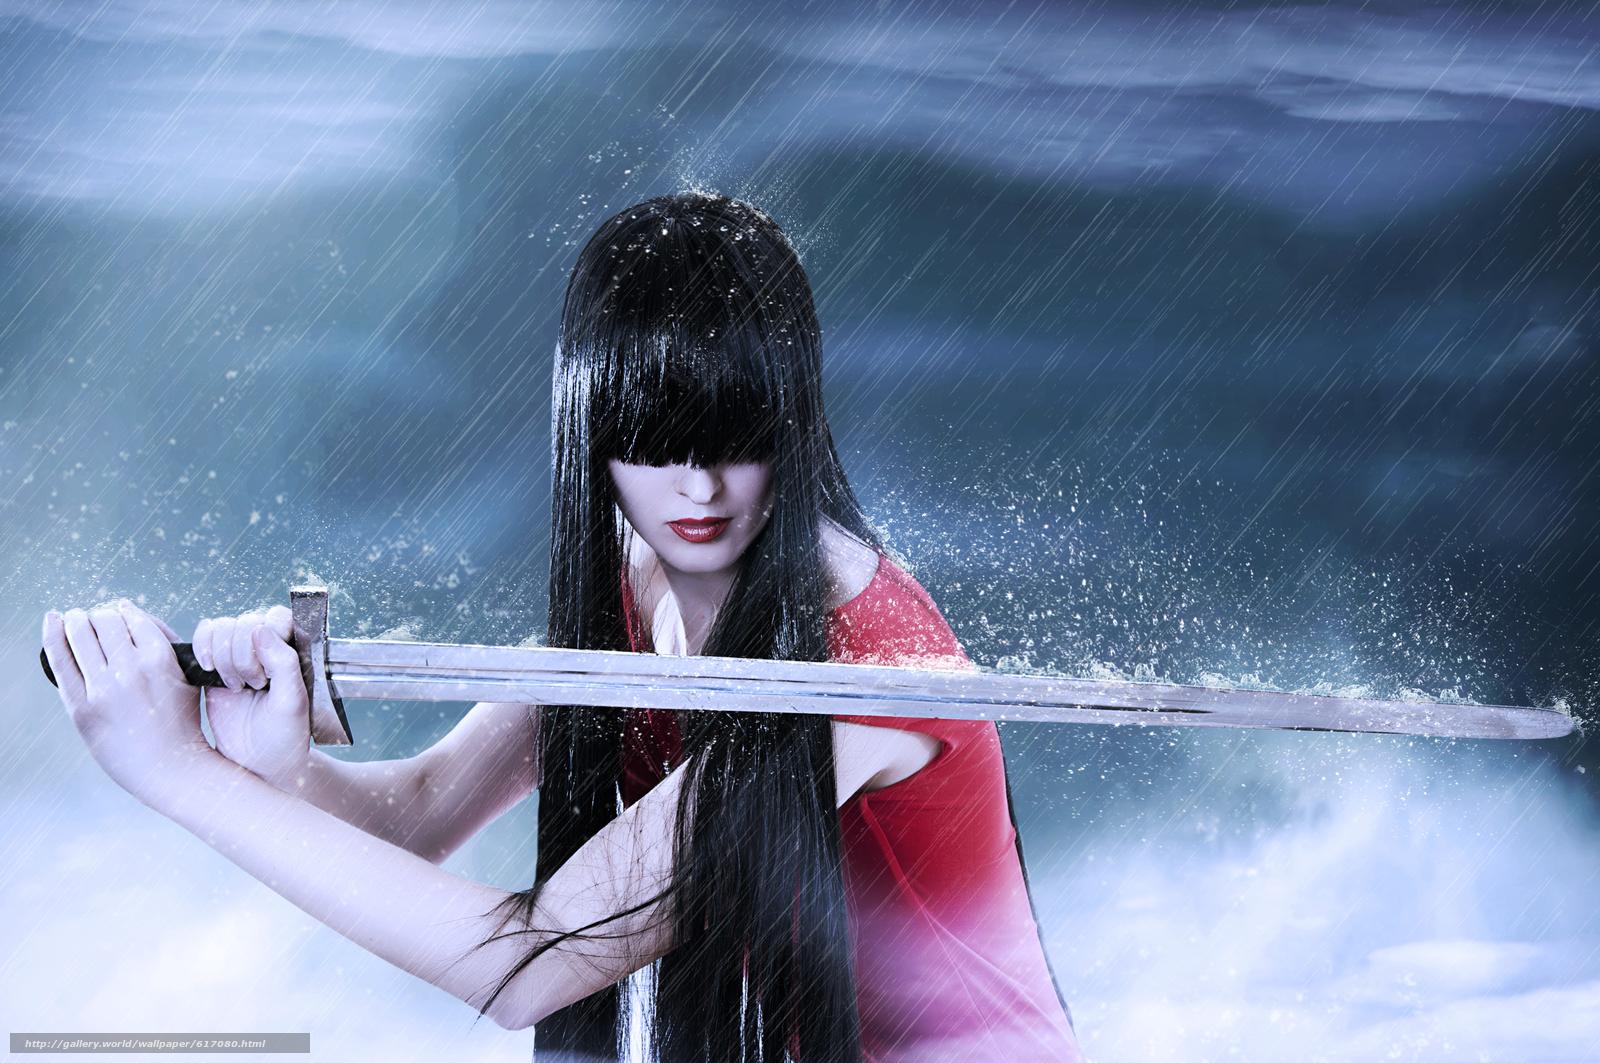 Скачать на телефон обои фото картинку на тему меч, дождь, девушка, брюнетка, разширение 4288x2848